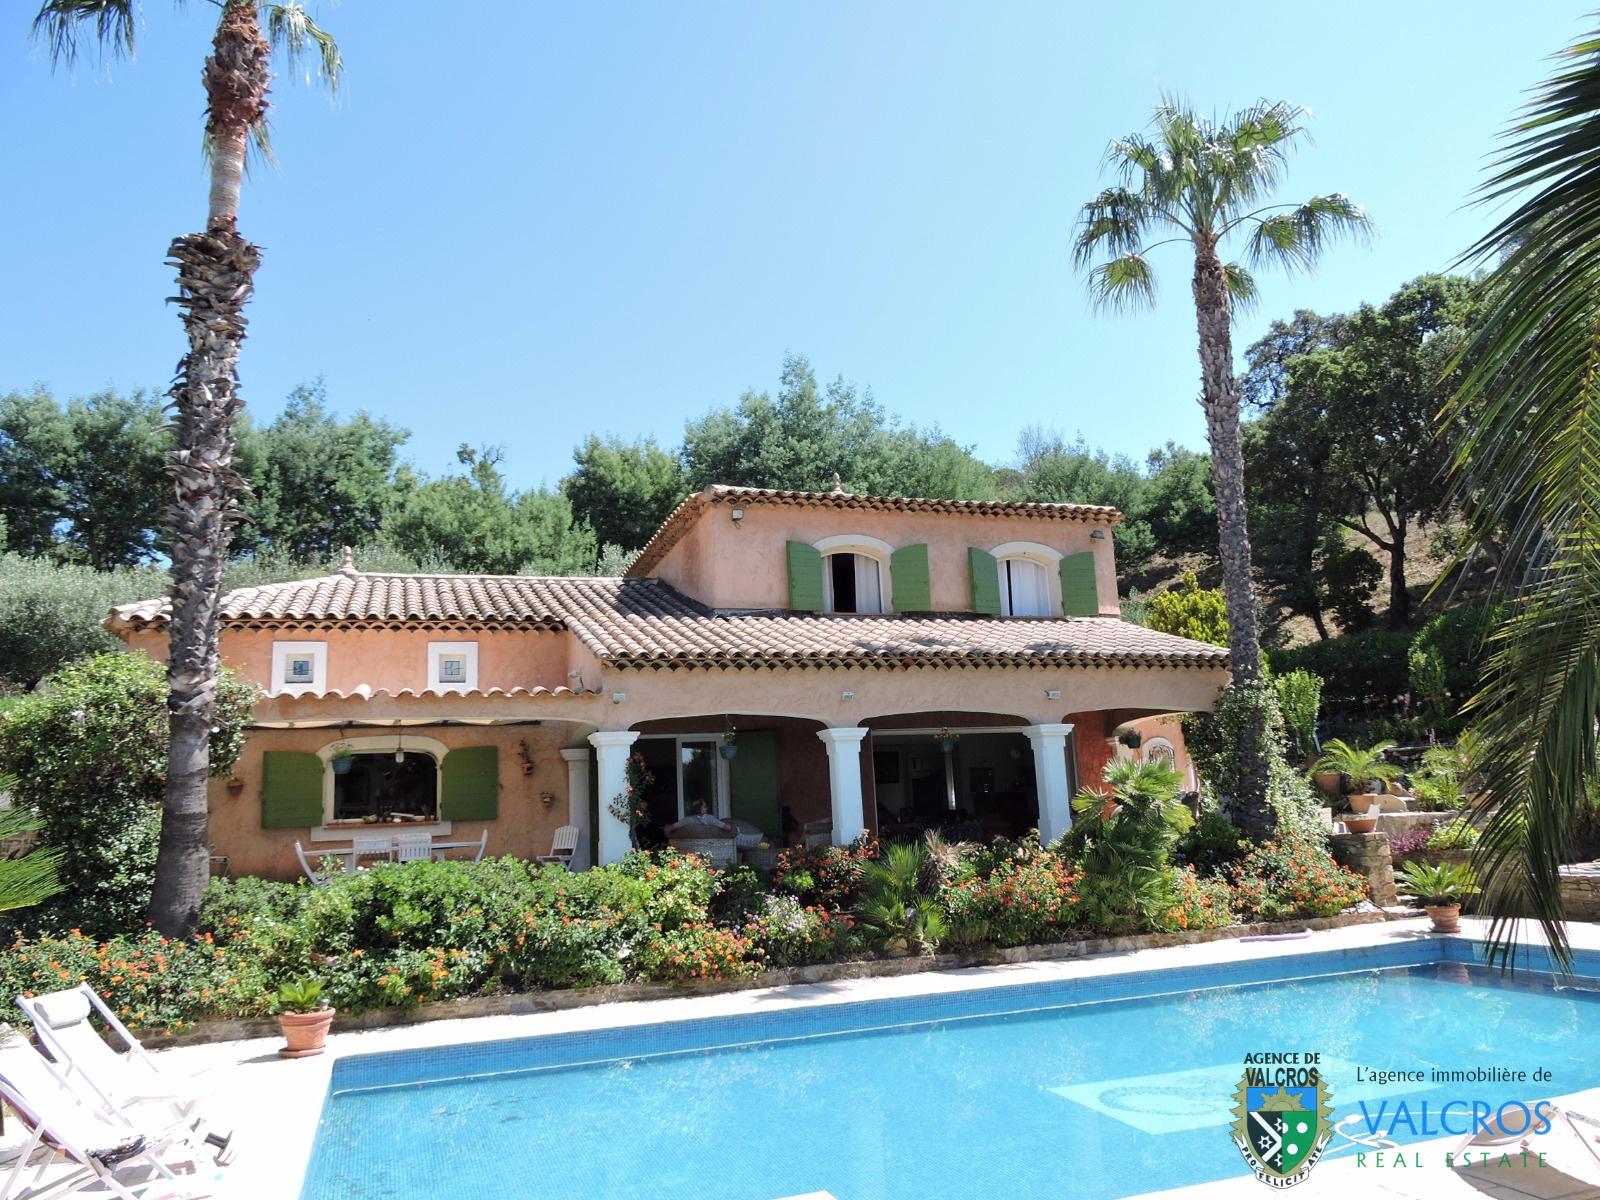 Vente maisons la londe les maures valcros achat villas for Achat et vente maison